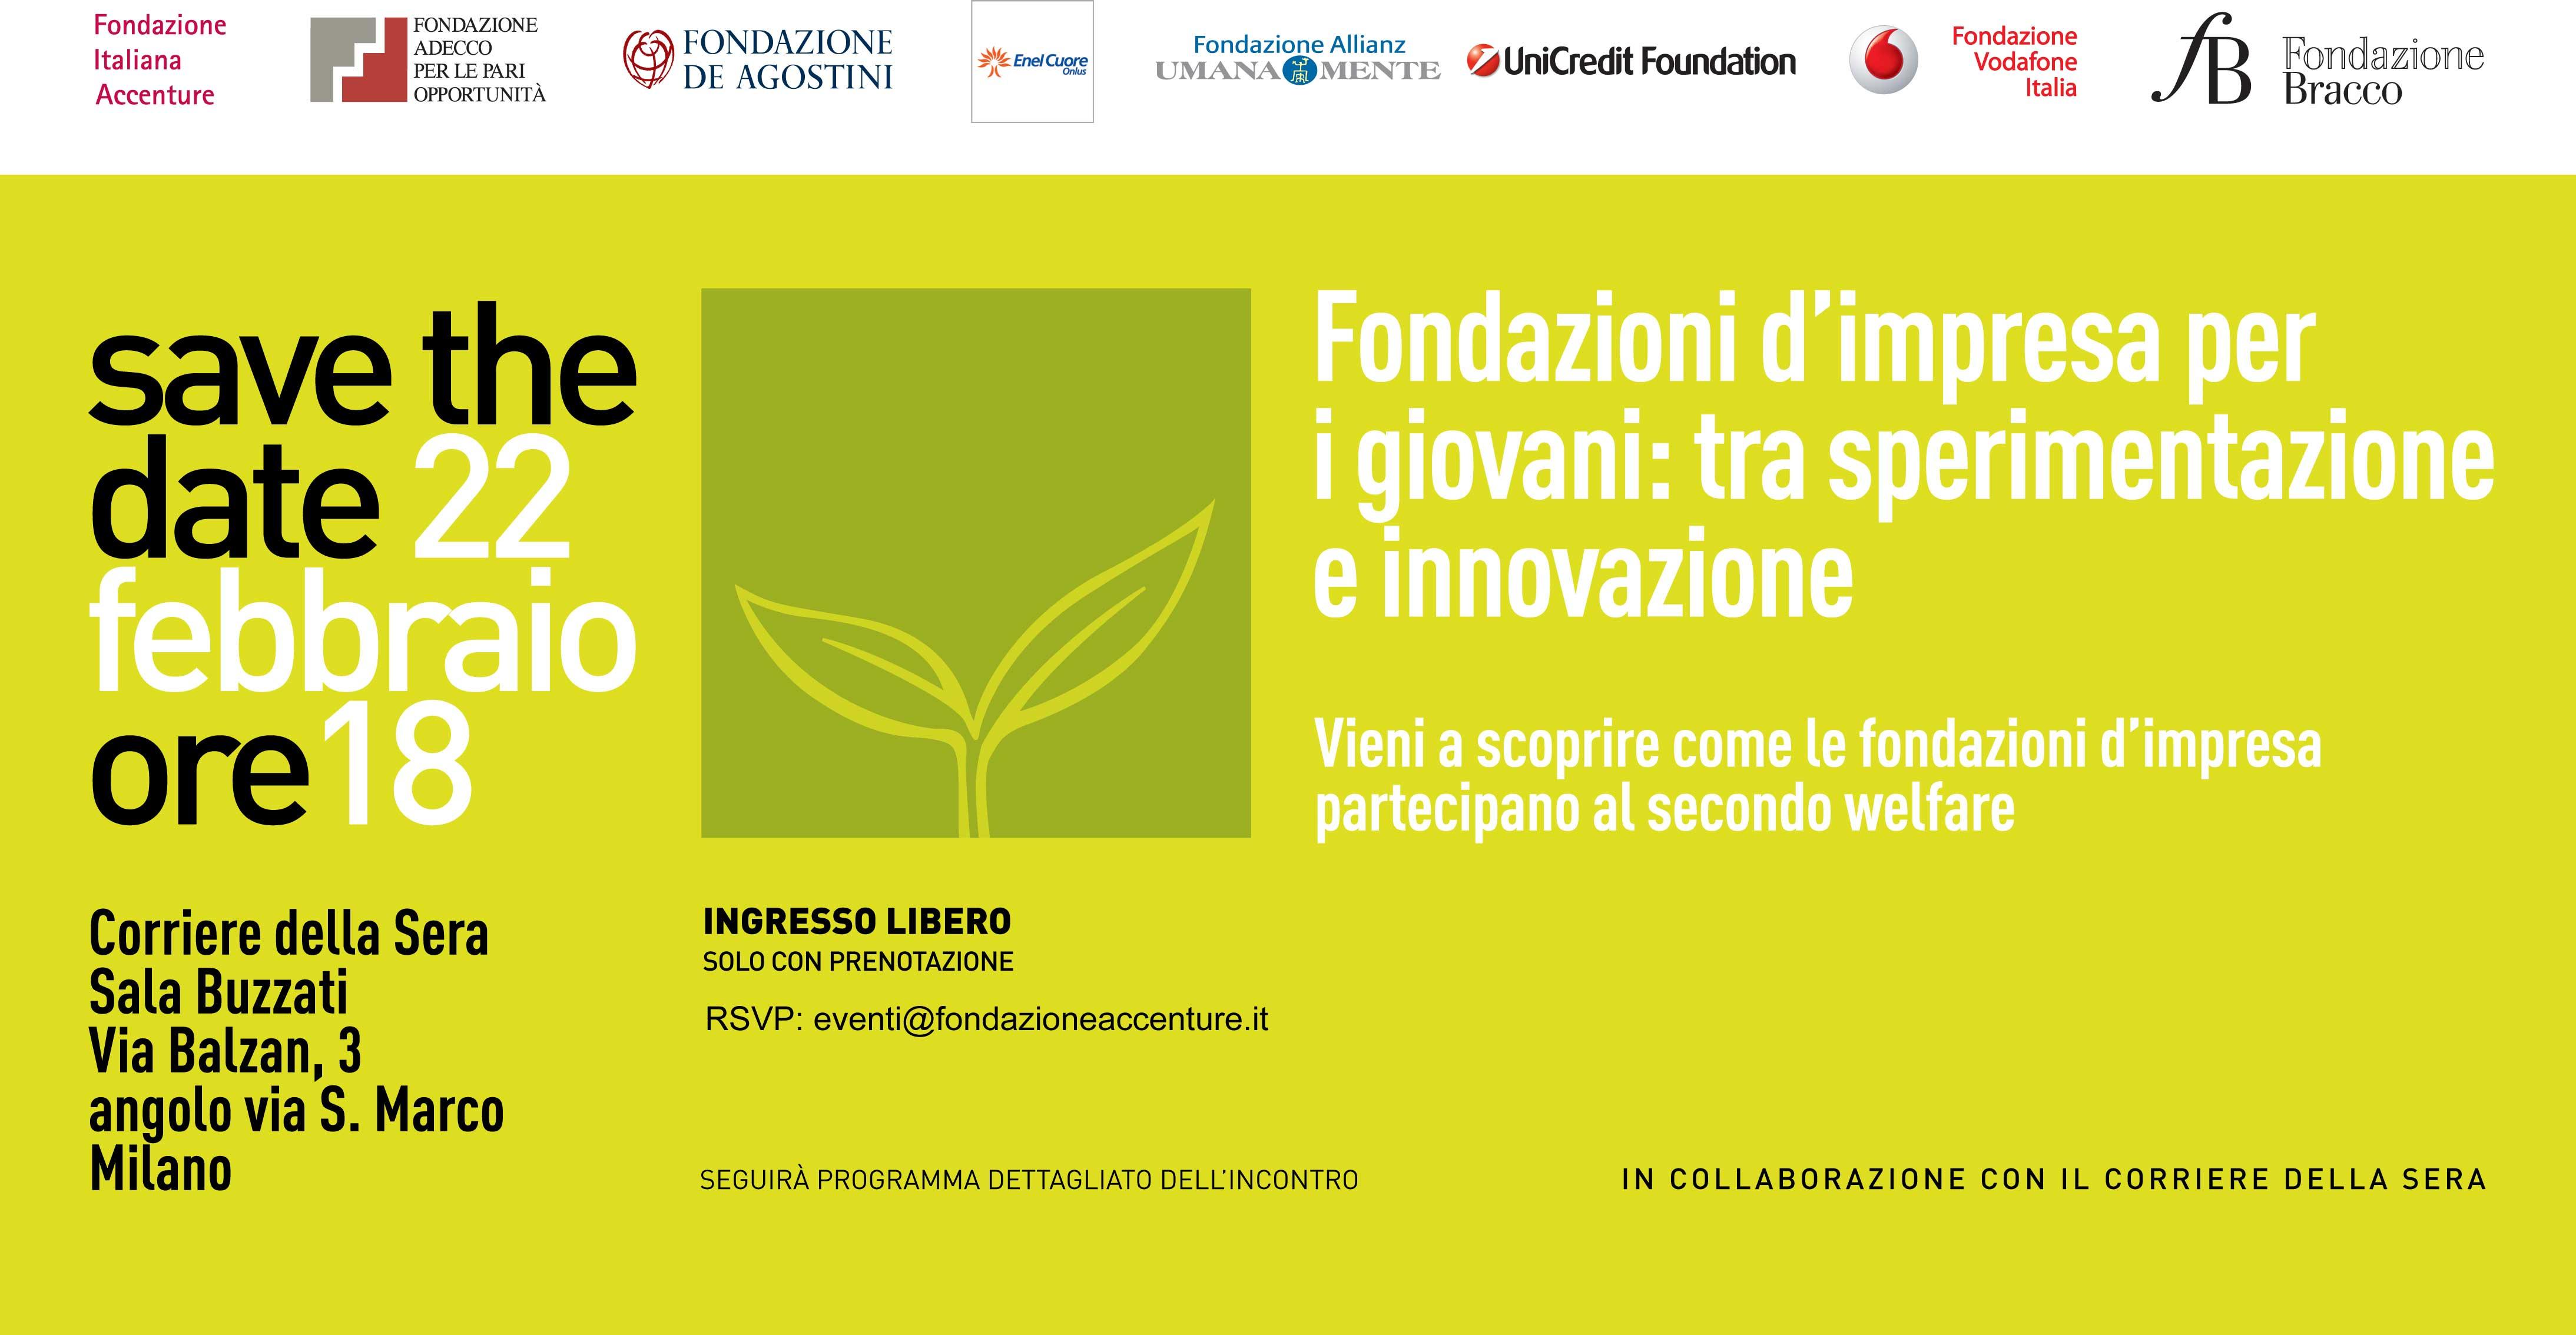 Fondazioni d'impresa per i giovani: tra sperimentazione e innovazione